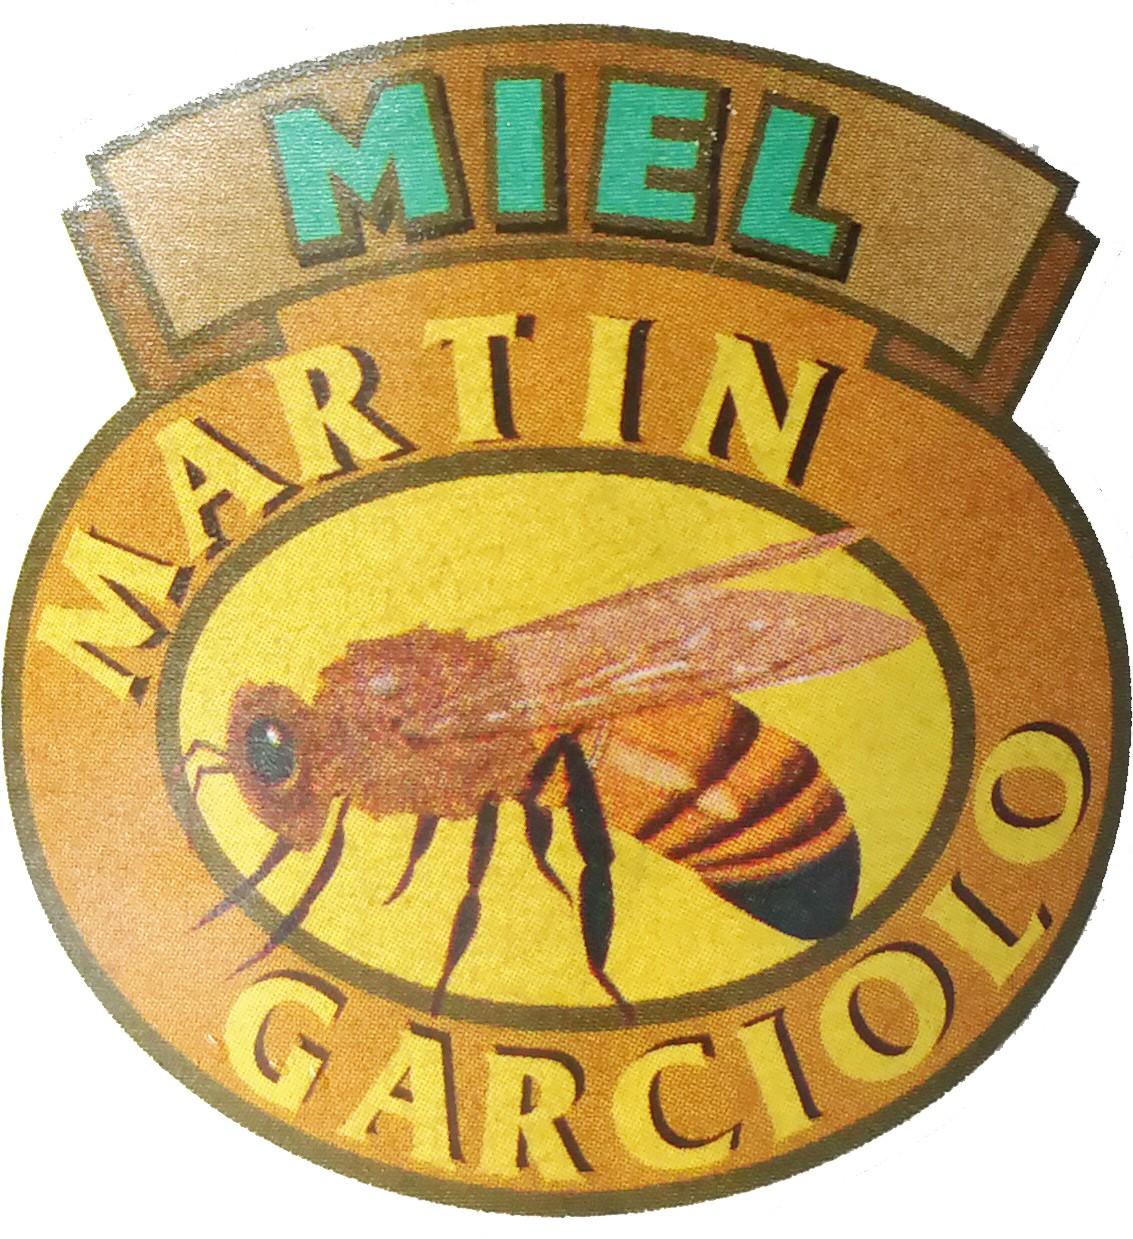 Miel Garciolo